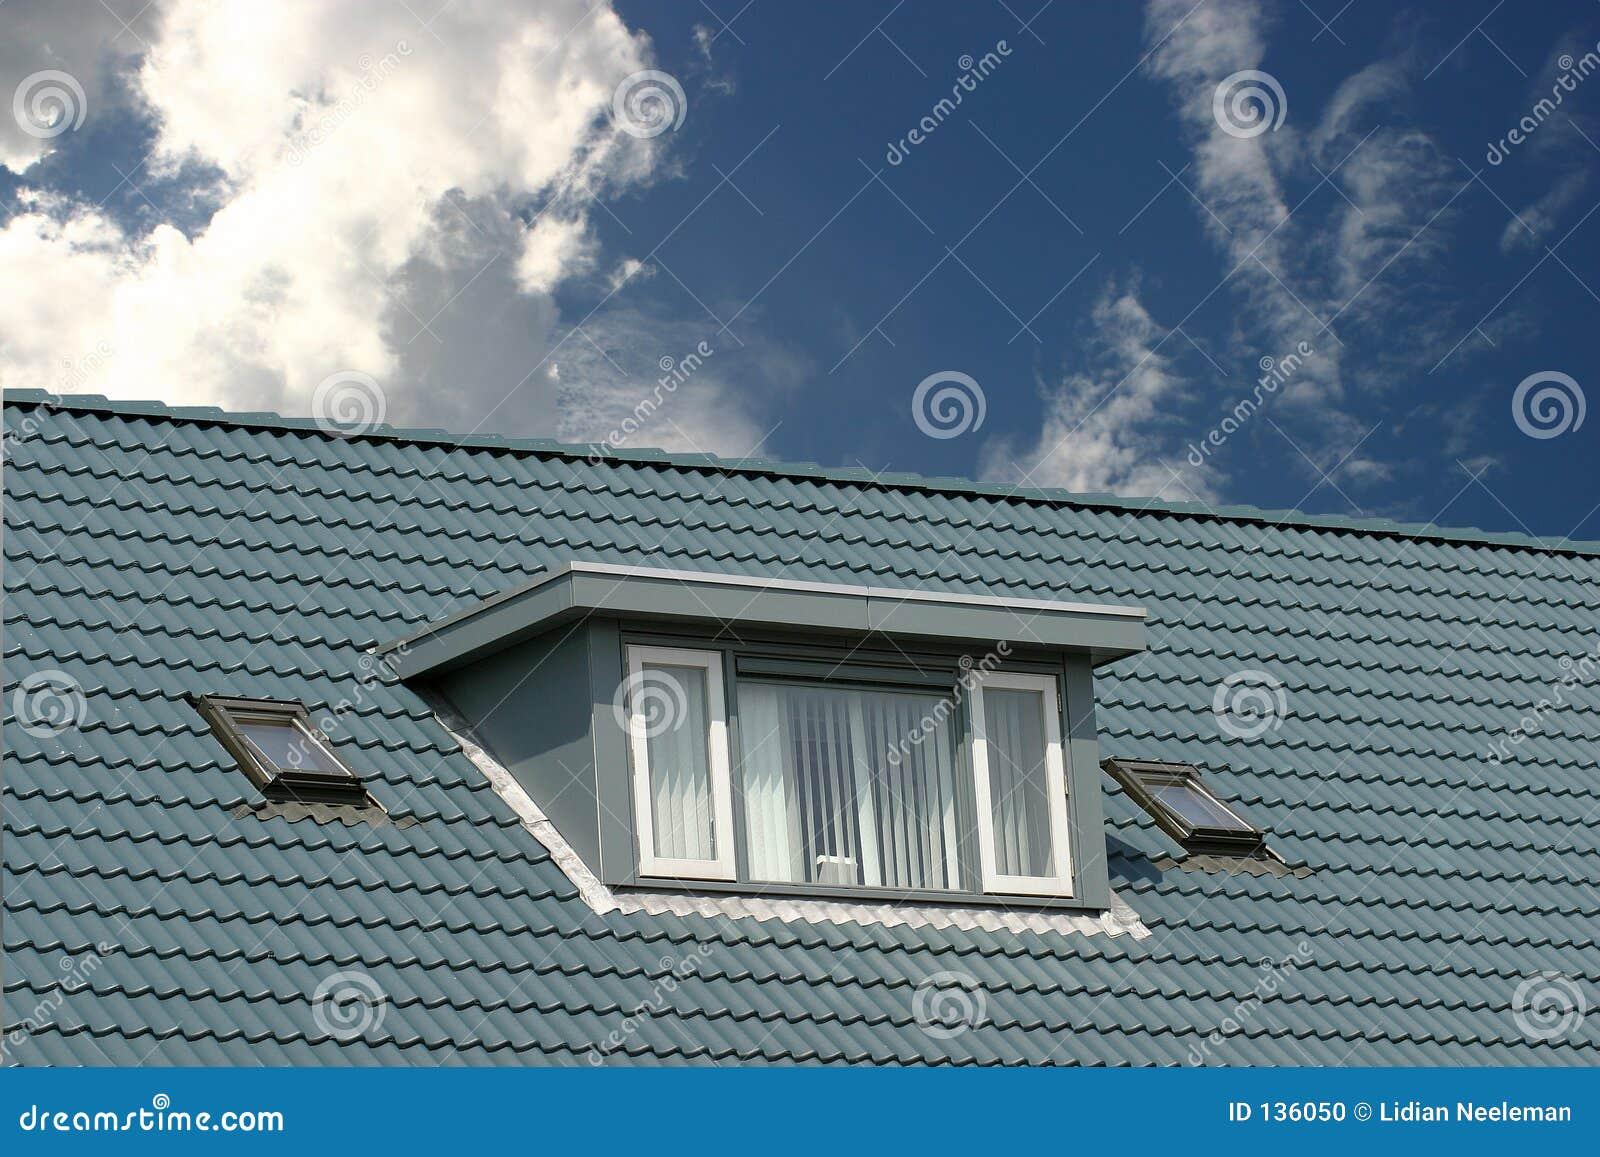 Blauw dak